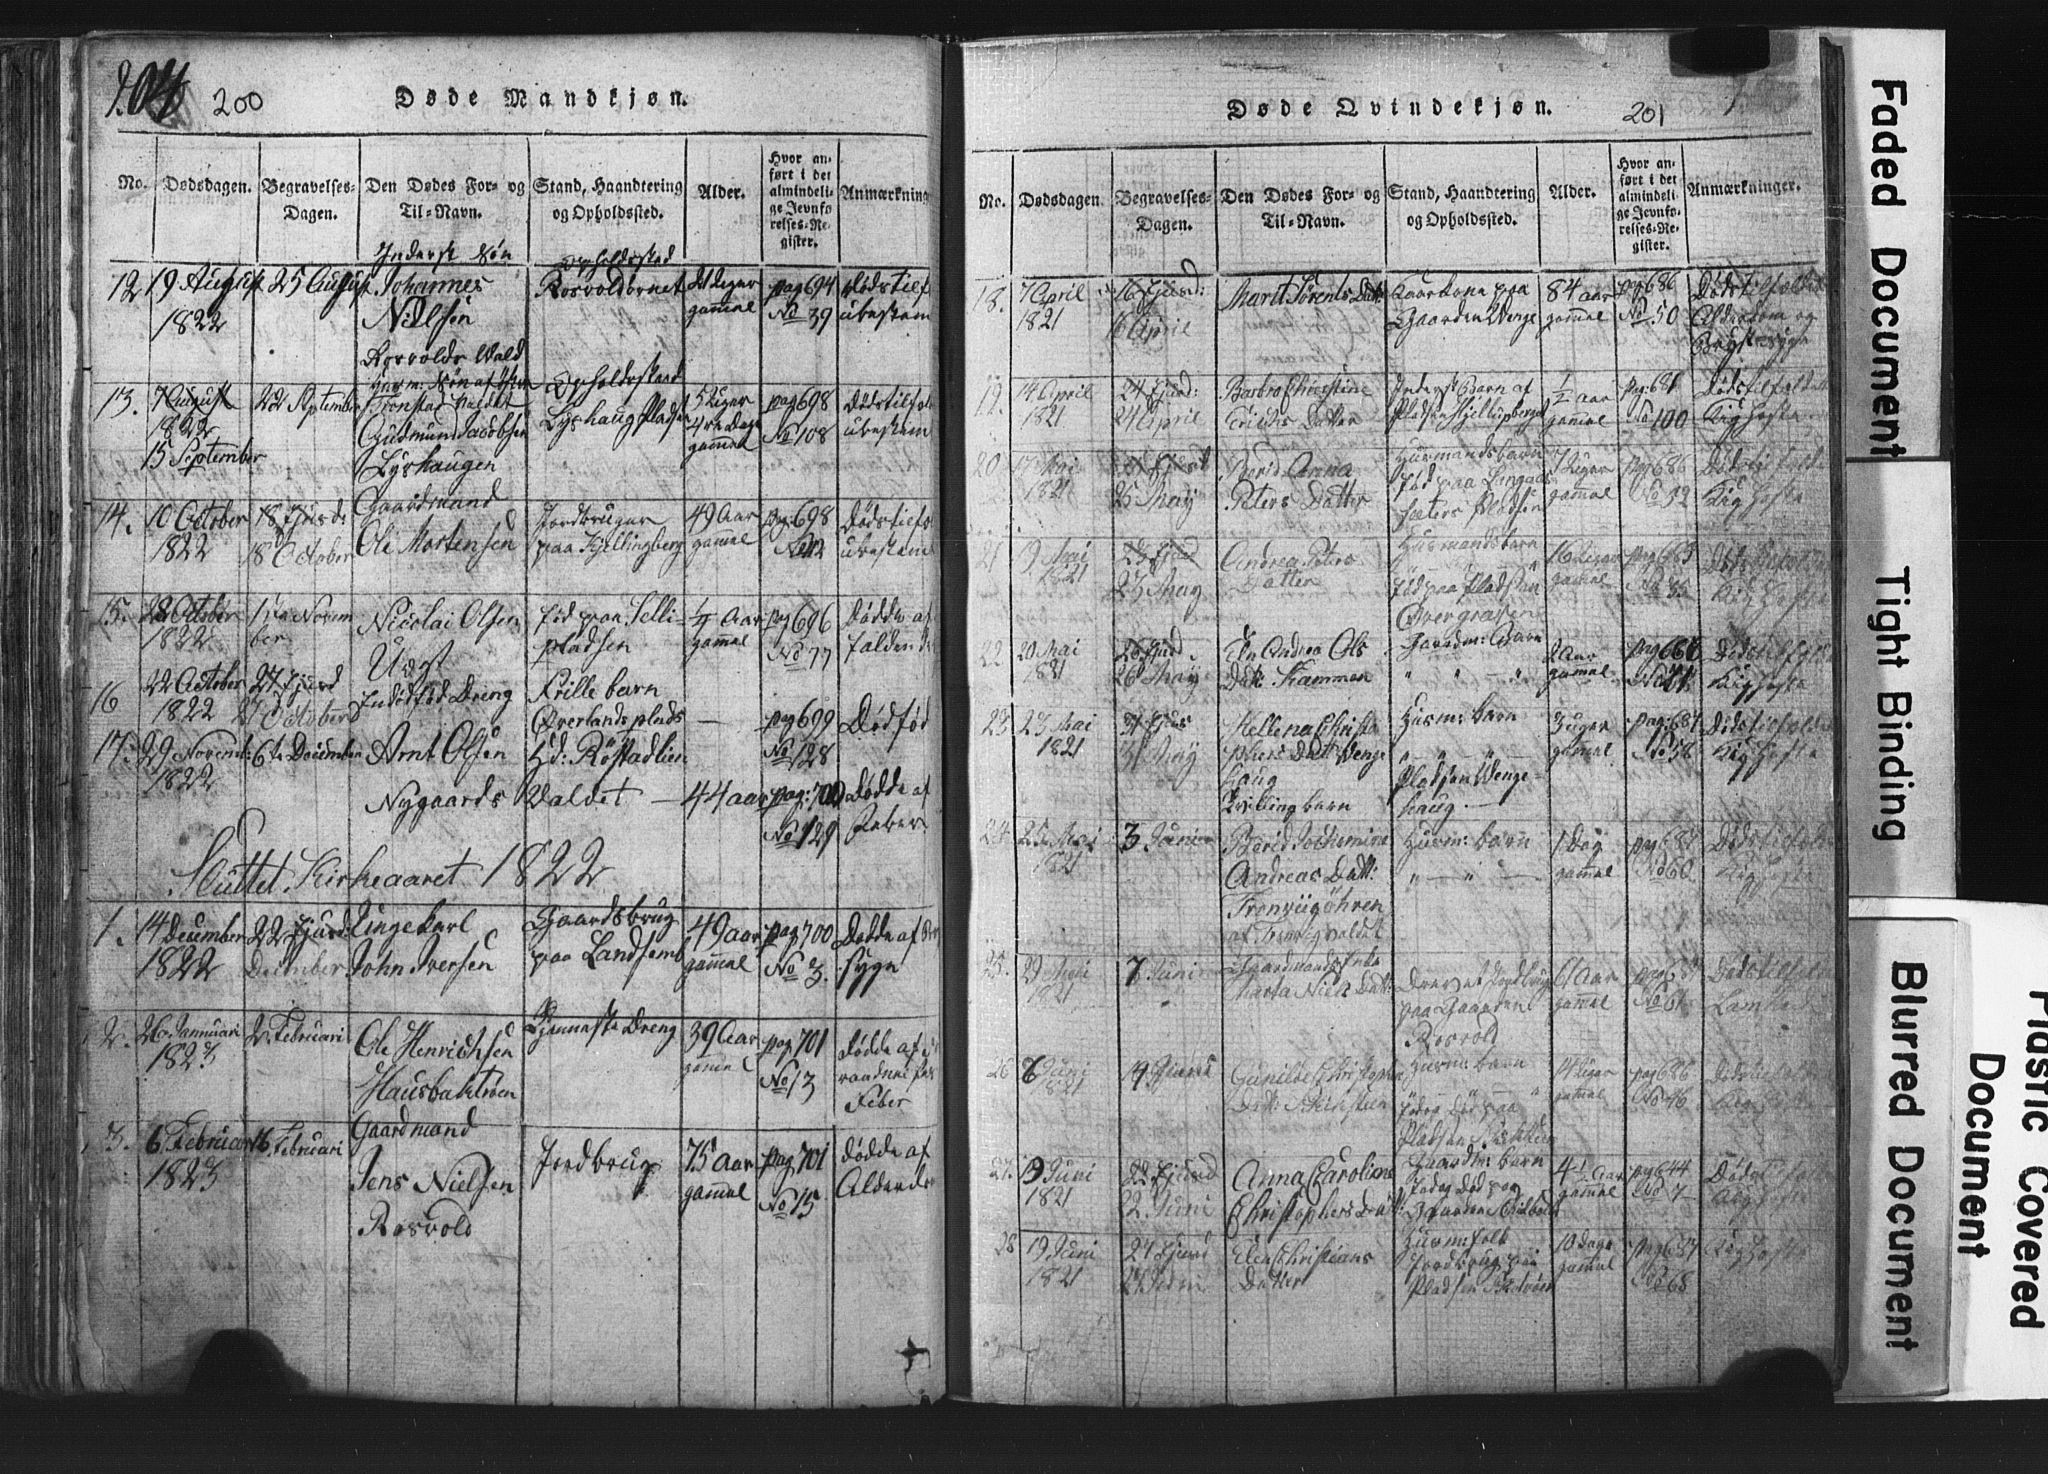 SAT, Ministerialprotokoller, klokkerbøker og fødselsregistre - Nord-Trøndelag, 701/L0017: Klokkerbok nr. 701C01, 1817-1825, s. 200-201